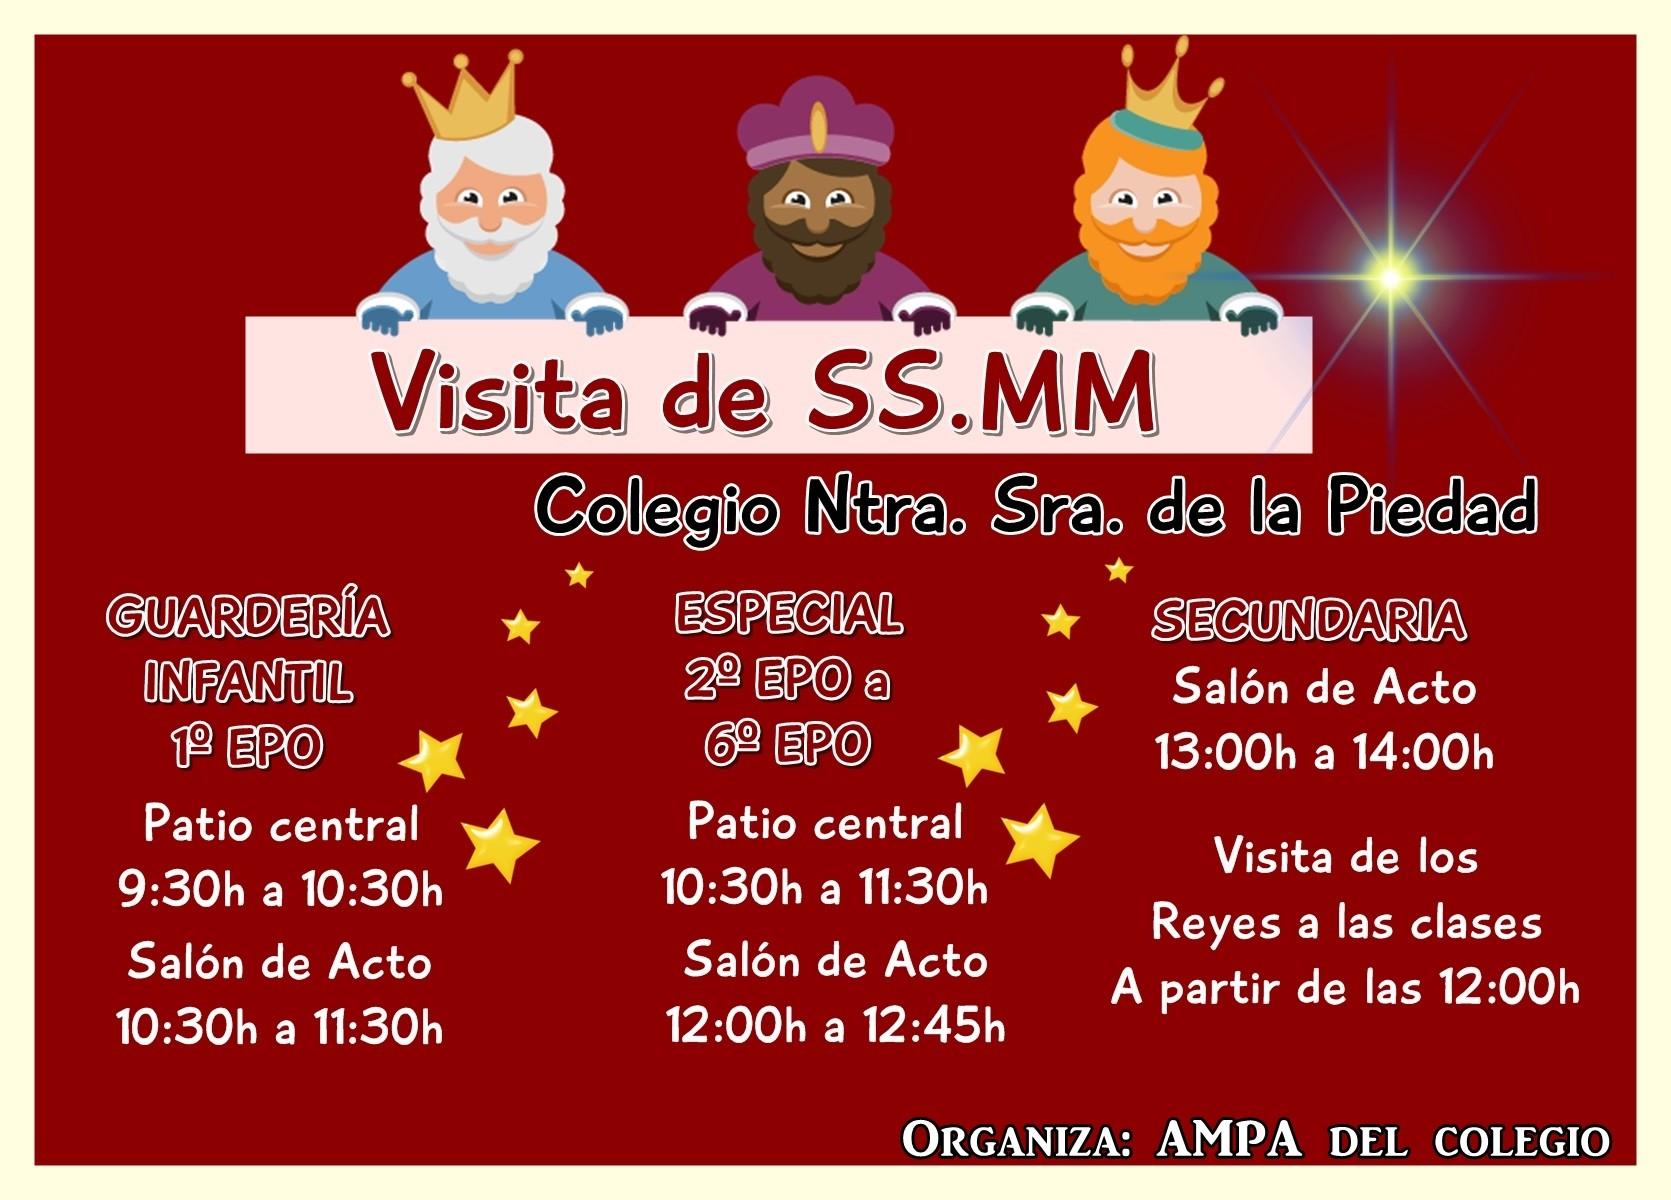 Calendario Escolar 2019 Zaragoza Más Recientes Colegio La Piedad